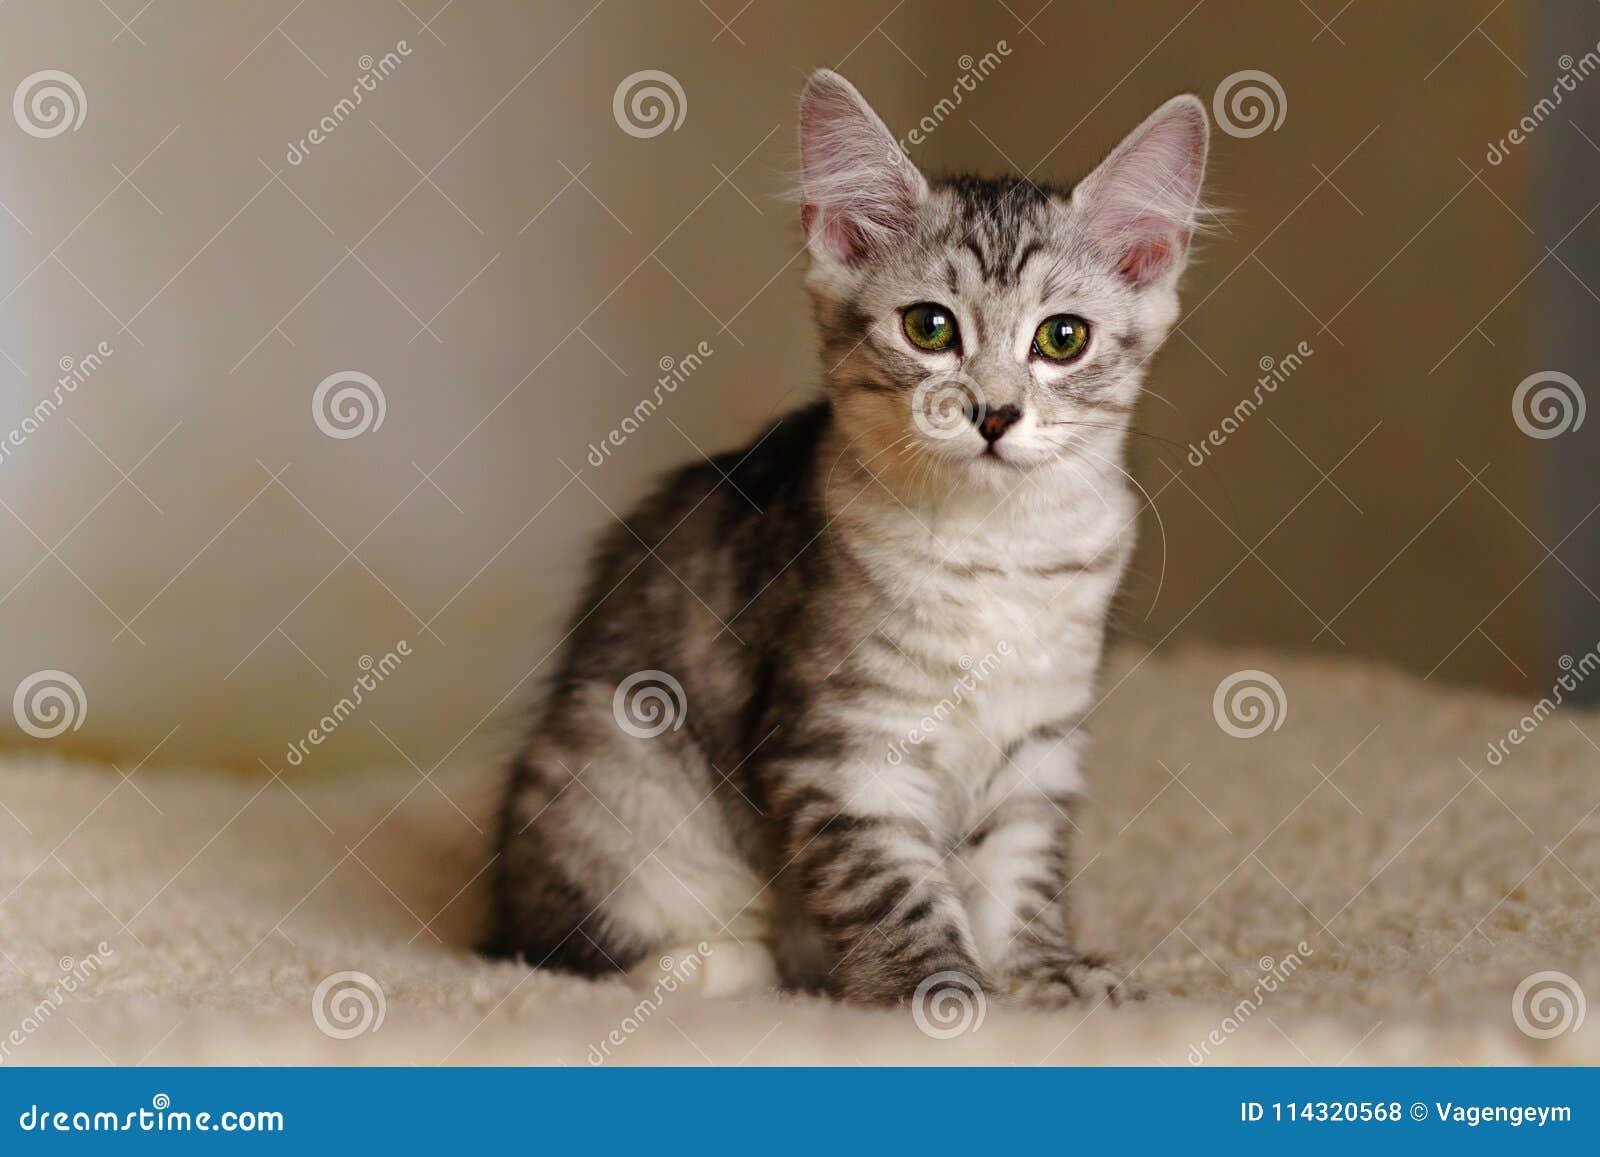 Lovely thoroughbred kitten